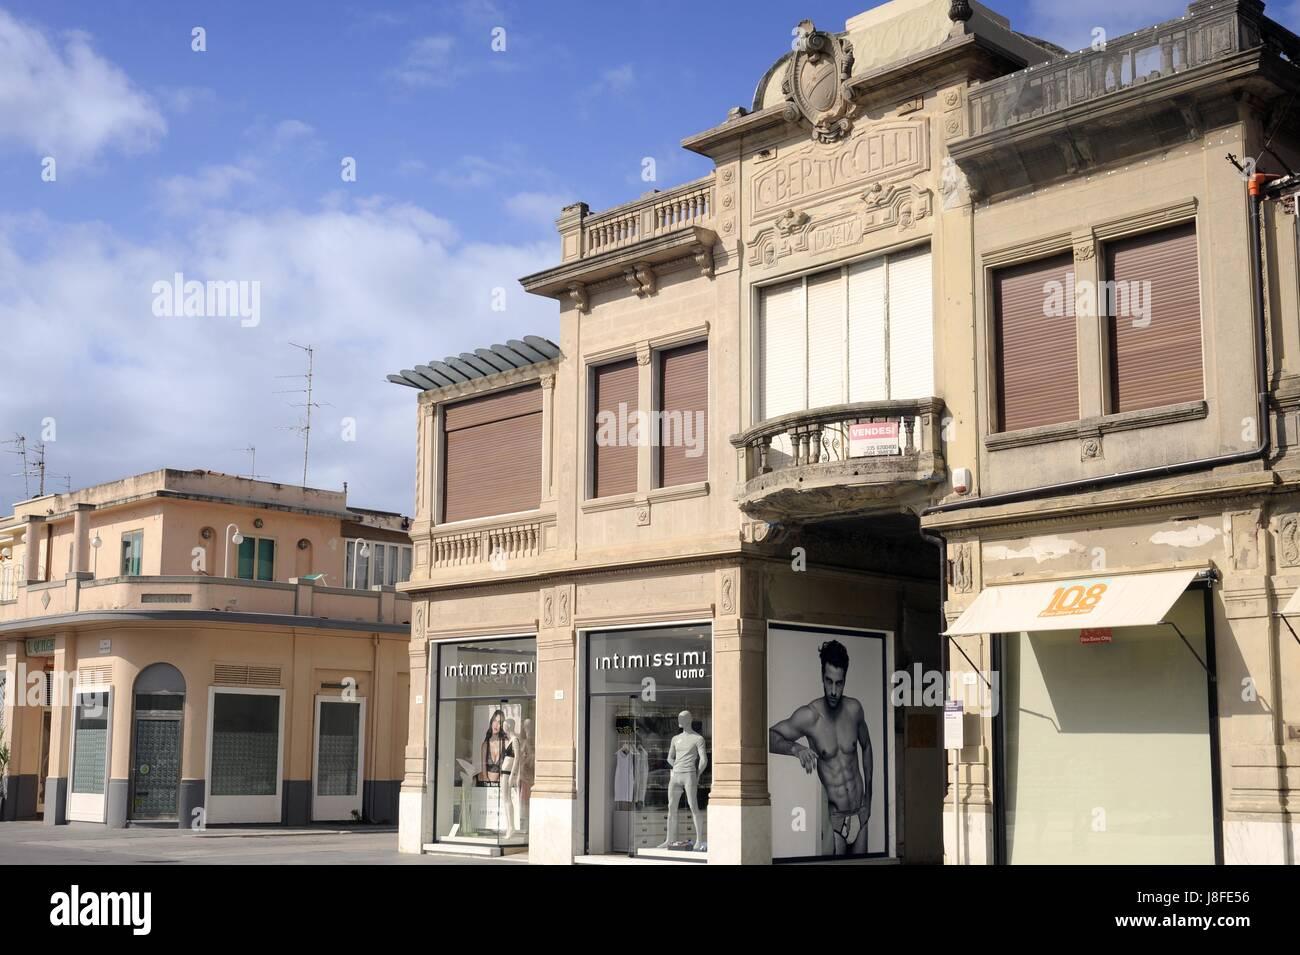 Viareggio (Toscana, Italia), località balneare, la passeggiata sul lungomare con stile Liberty degli edifici Immagini Stock